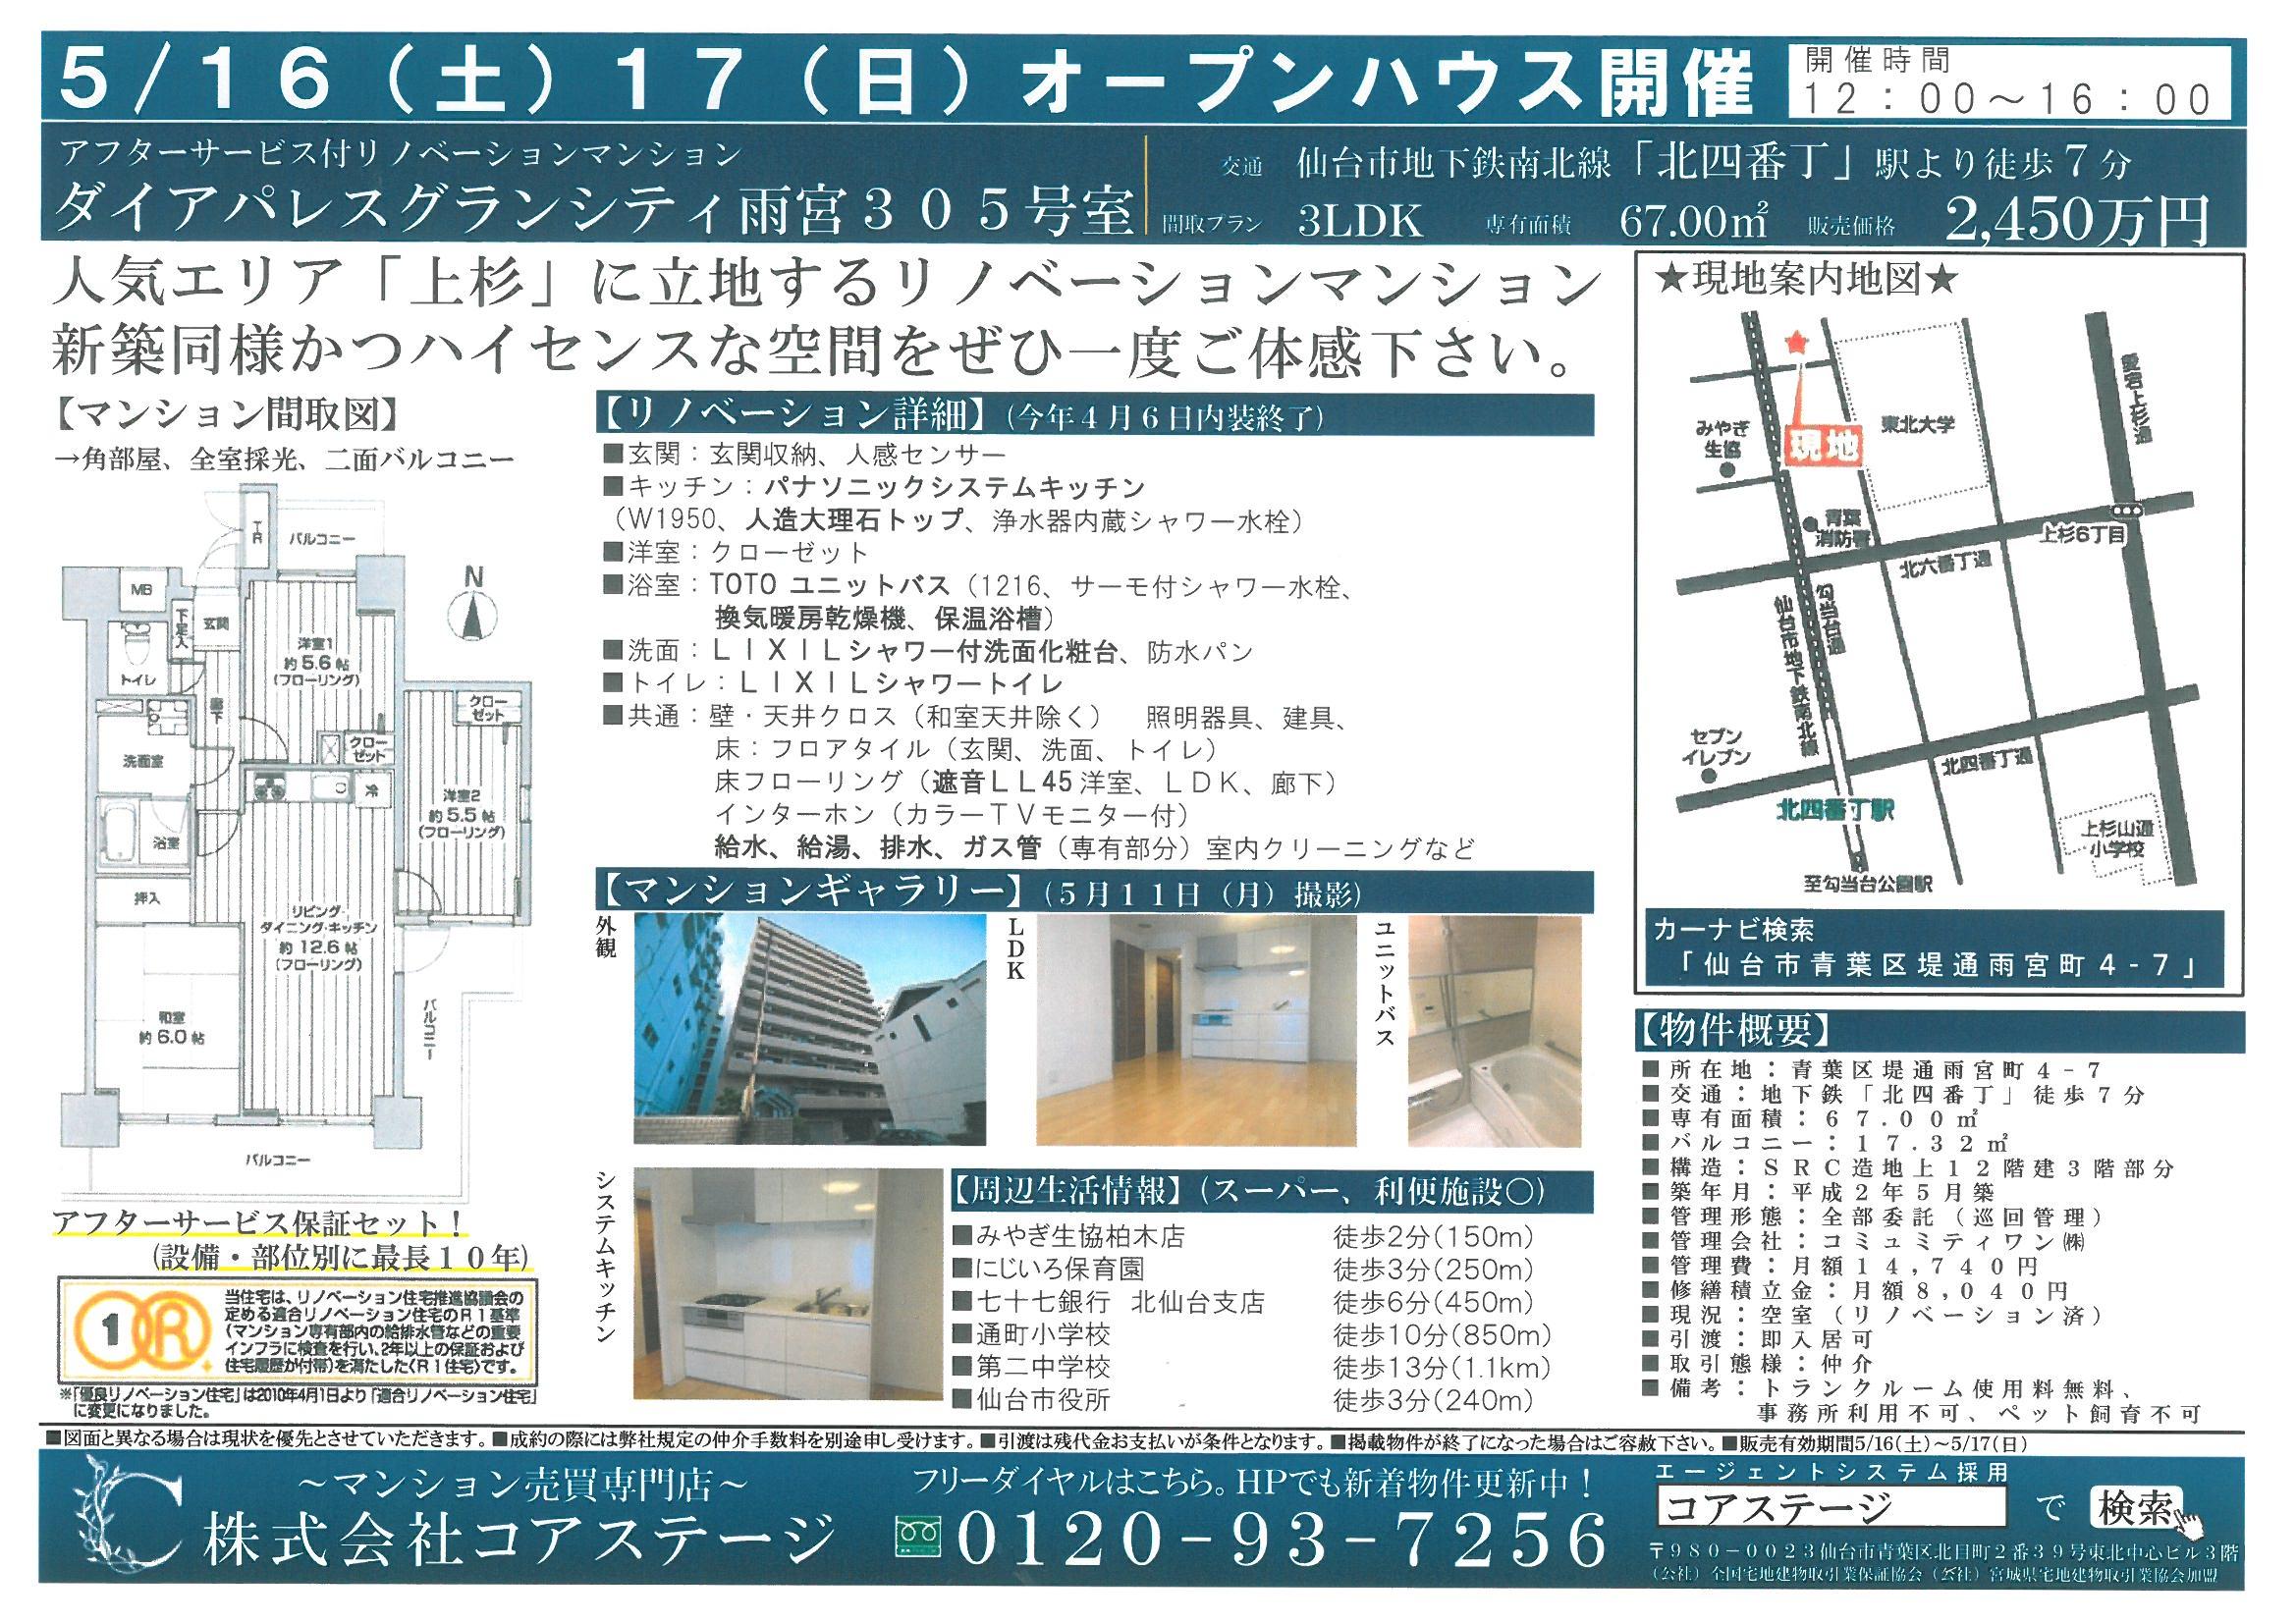 5/16(土)17(日)オープンハウス物件情報